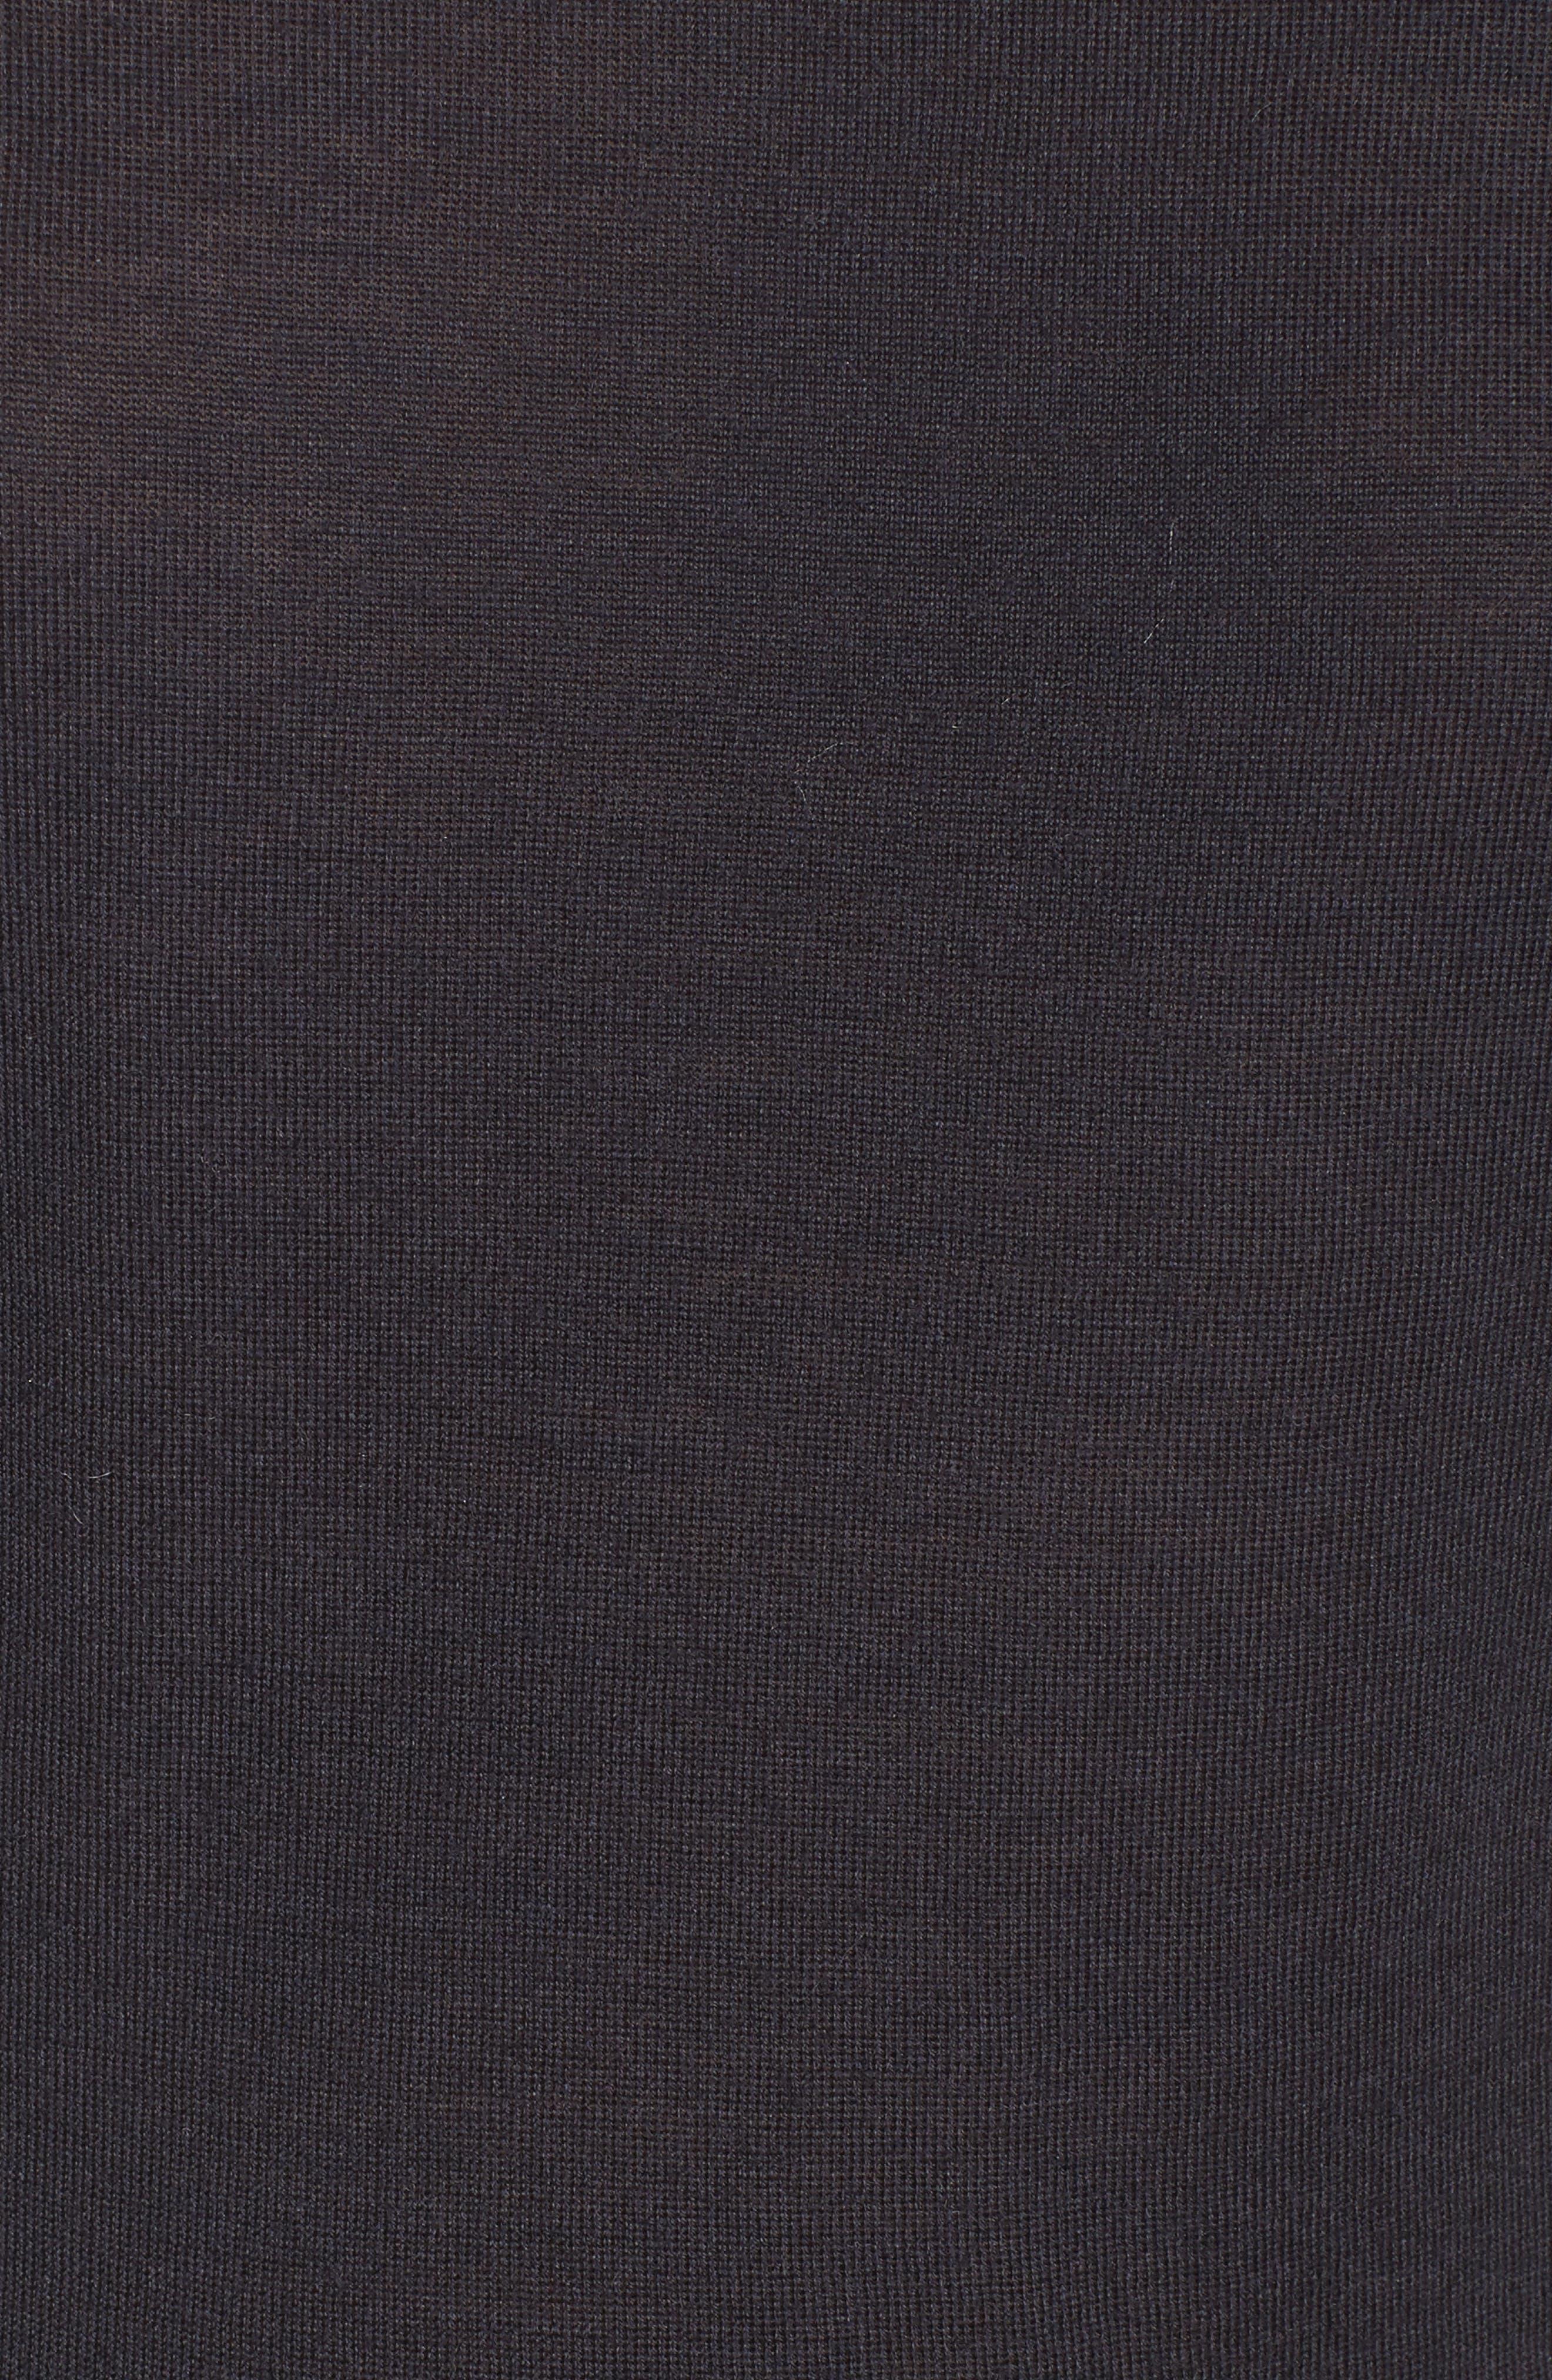 Fifet Sparkle Trim Sweater,                             Alternate thumbnail 5, color,                             461